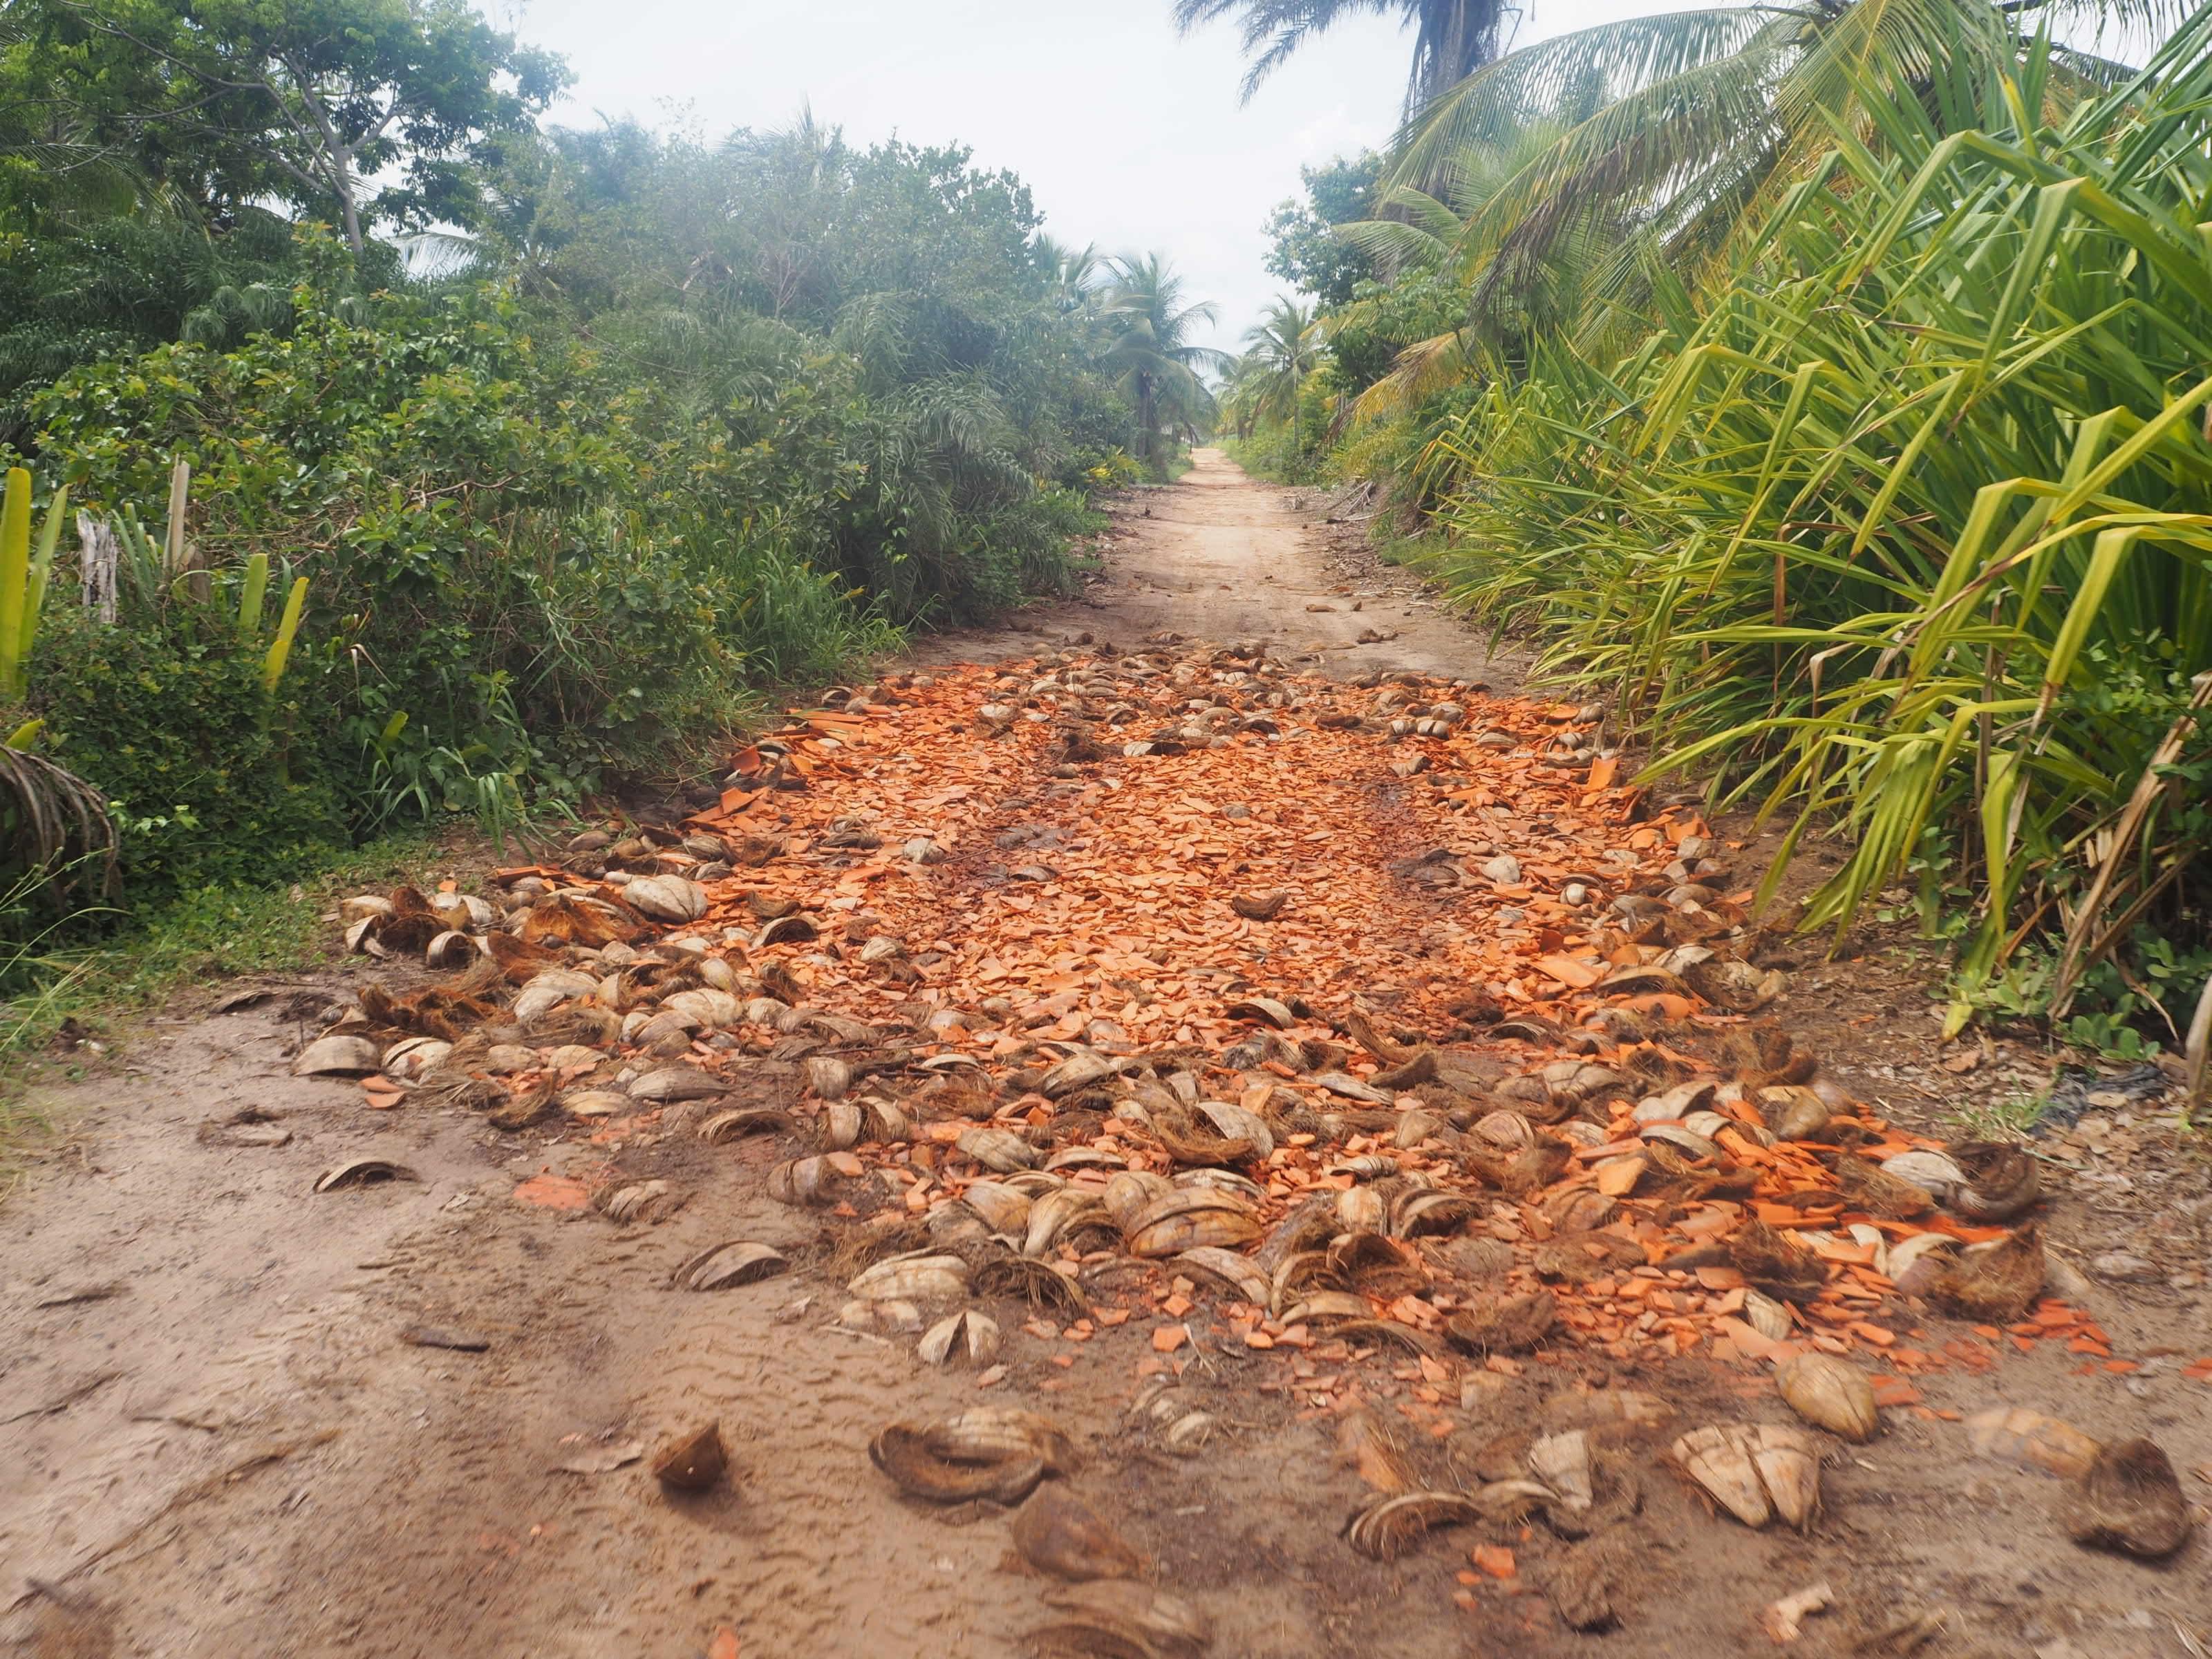 Route de cocotier à Barra Grande. Les routes sont aussi faites de coco écrasées